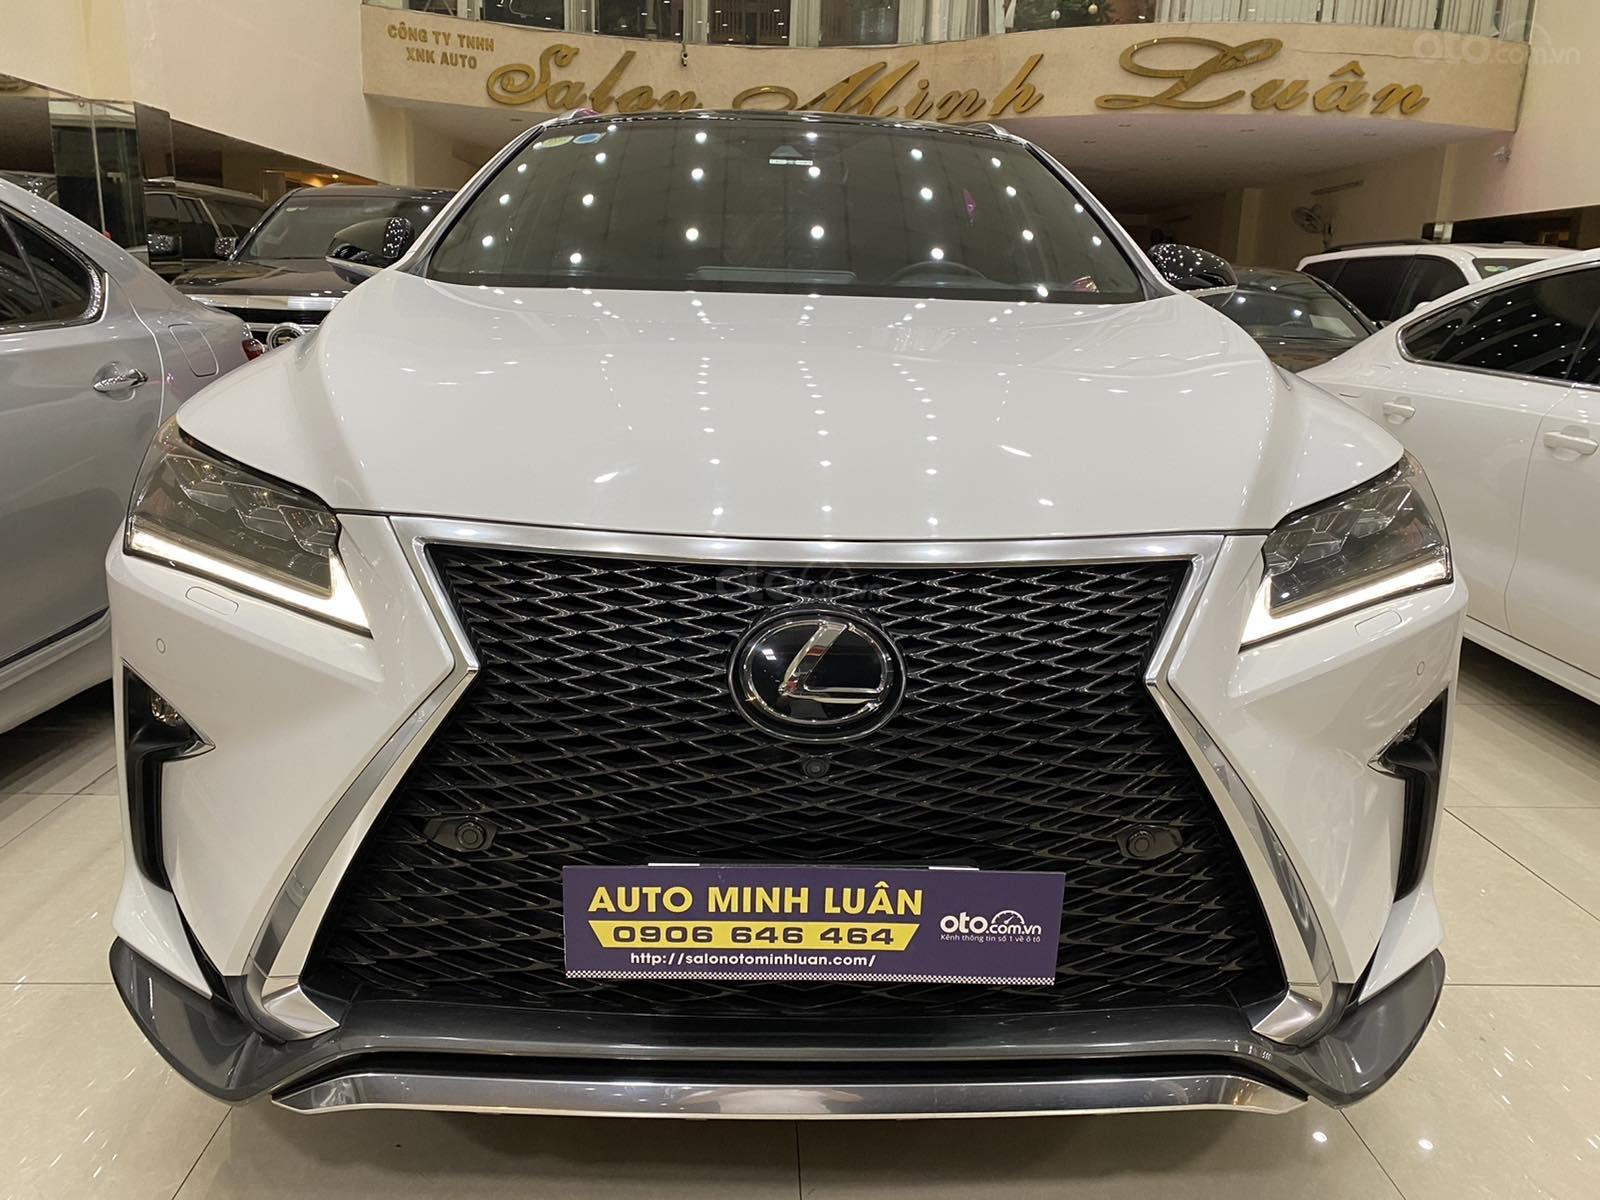 Cần bán xe Lexus RX 350 F-Sport 2016 (1)